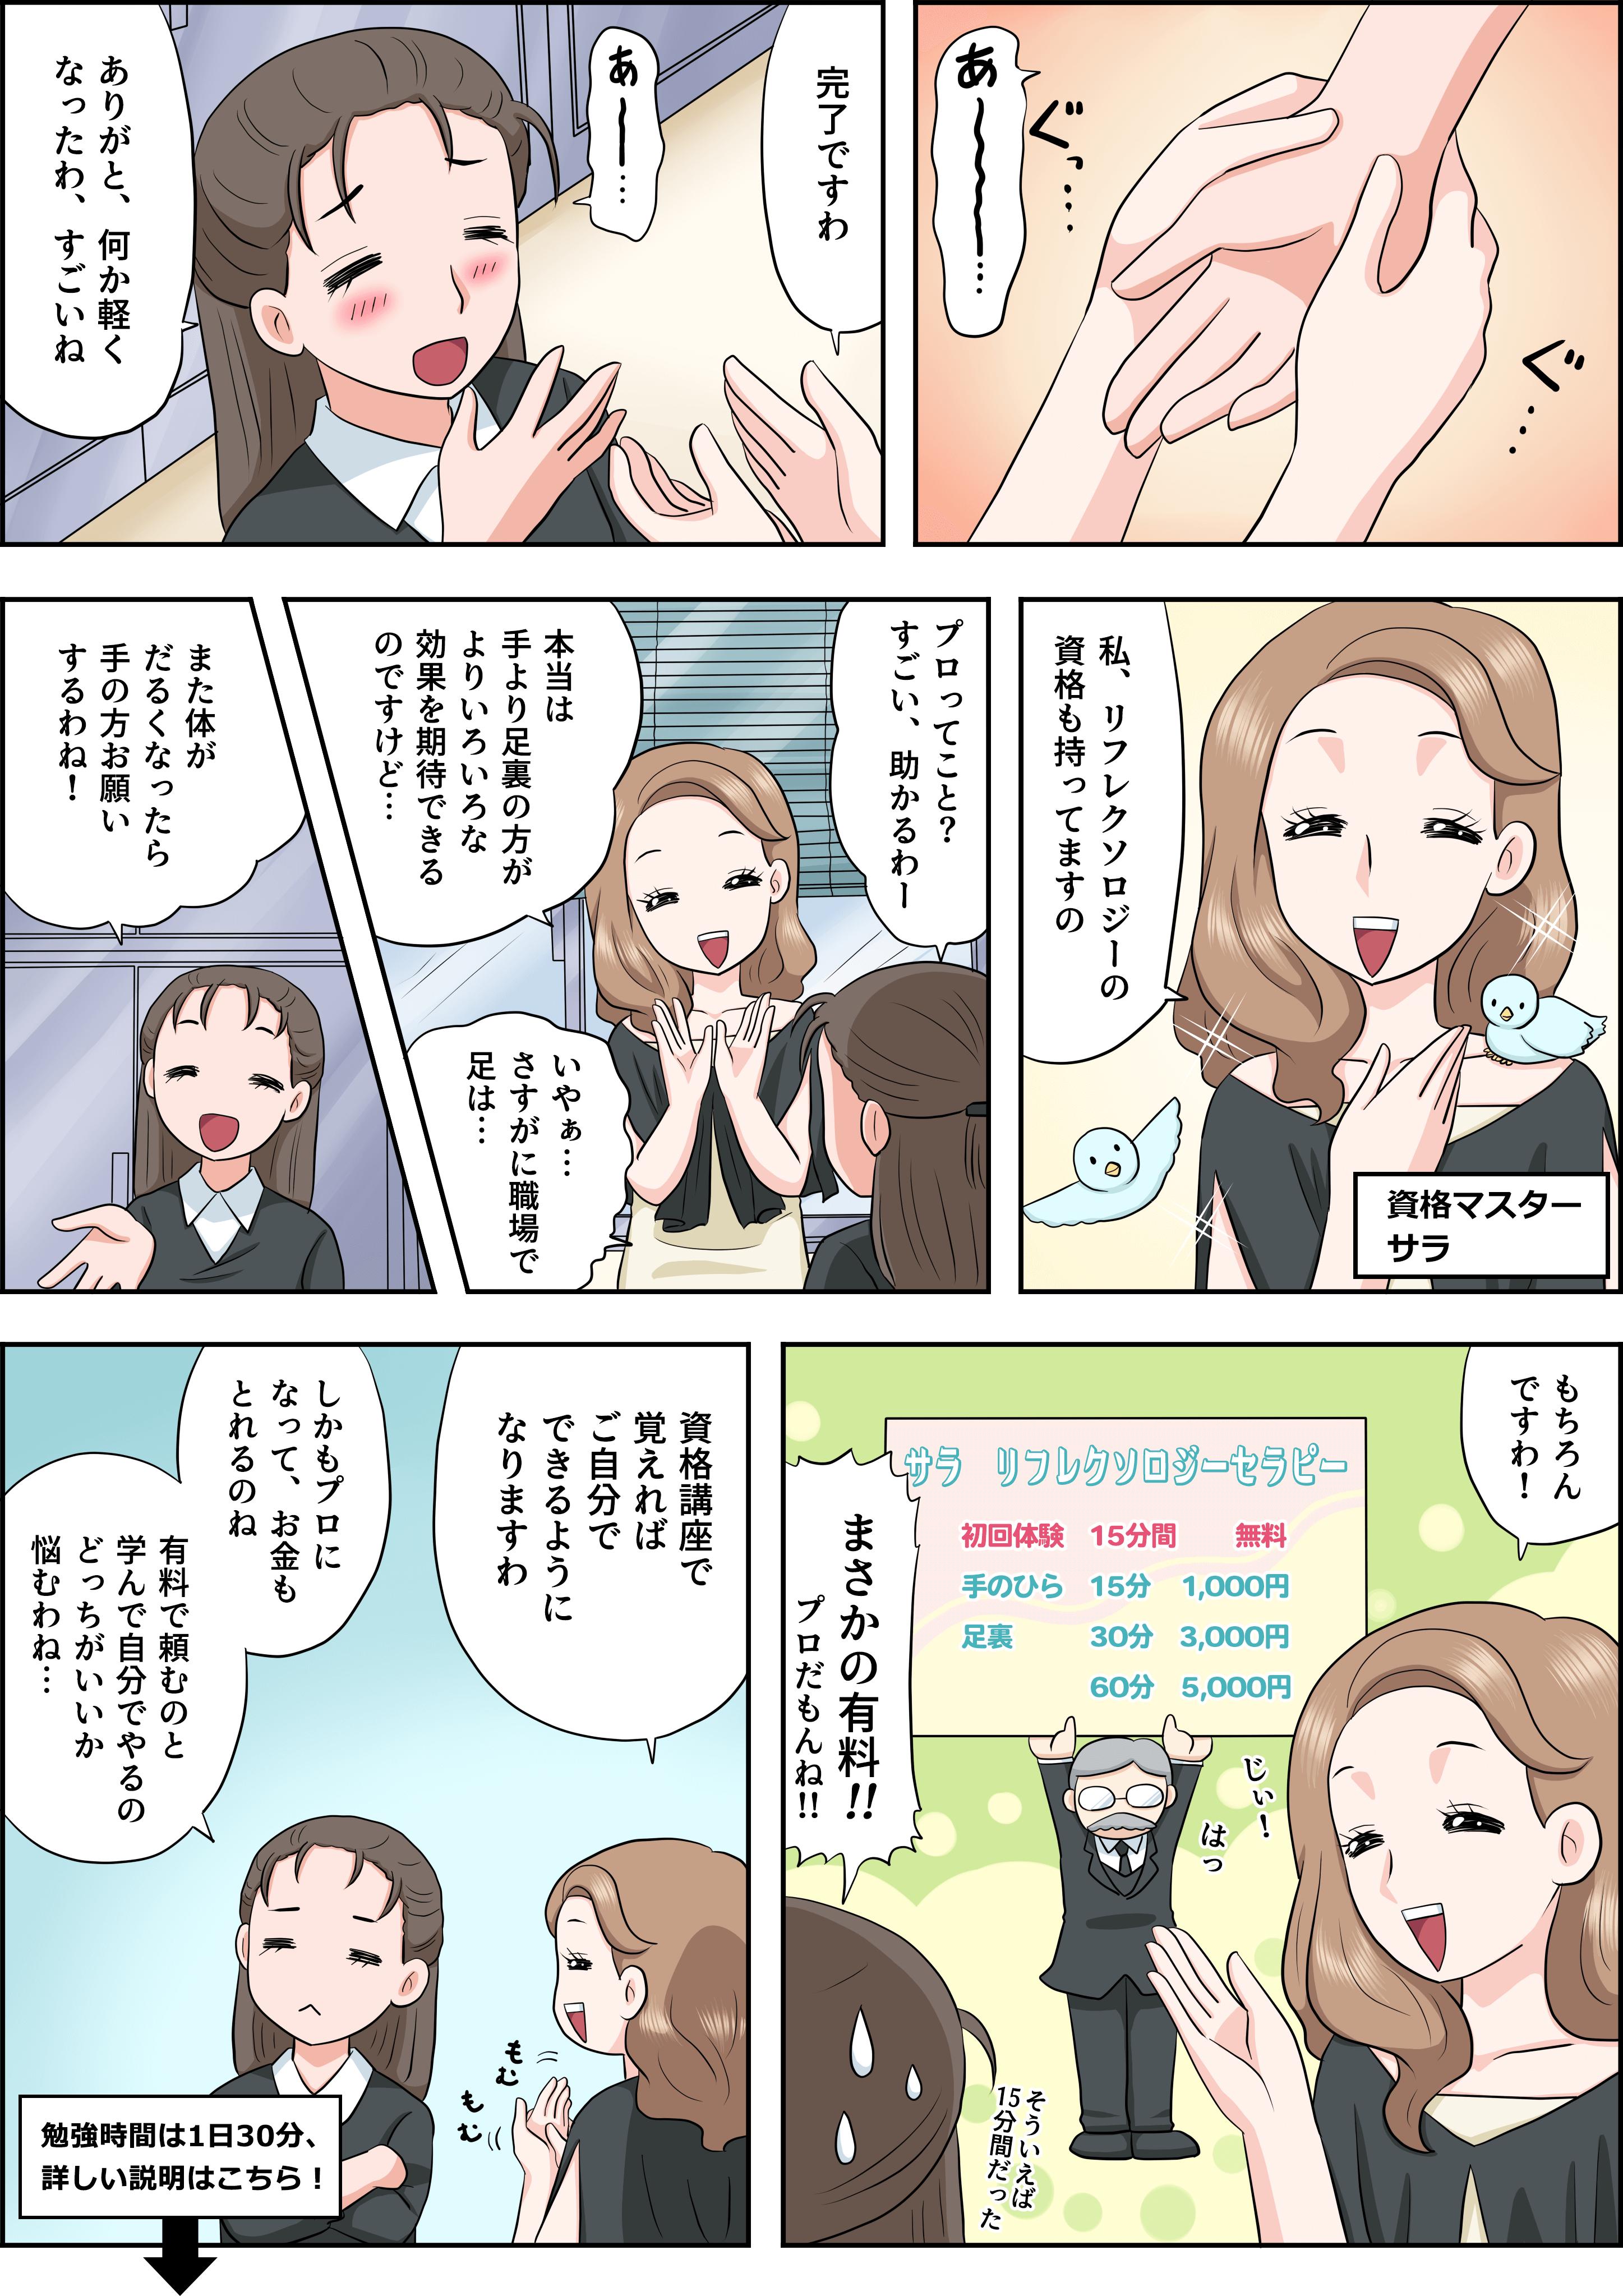 リフレクソロジーの漫画